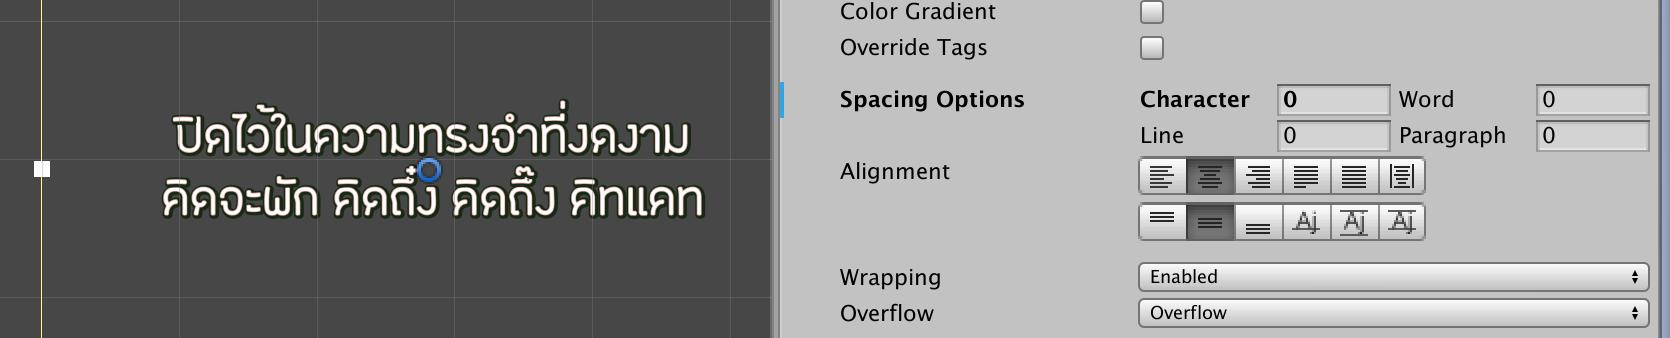 TextMesh Pro - Options per glyph instead of per adjustment